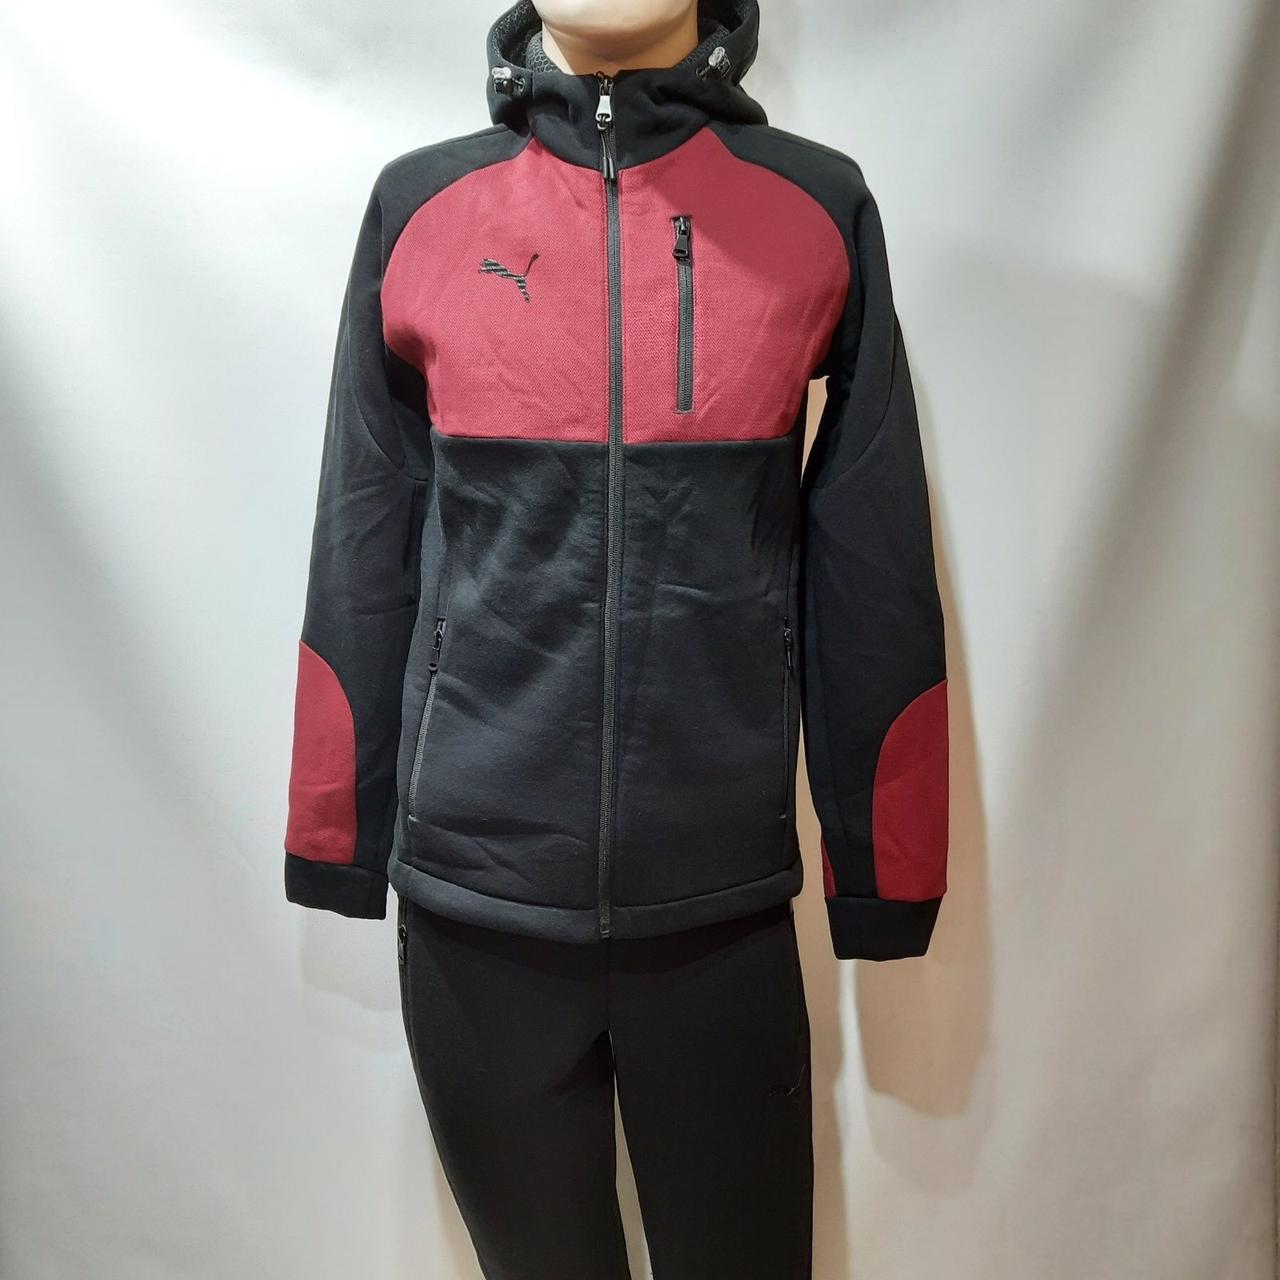 Ххл, 3хл, р. Теплый мужской спортивный костюм с капюшоном  Черный с бордовыми вставками